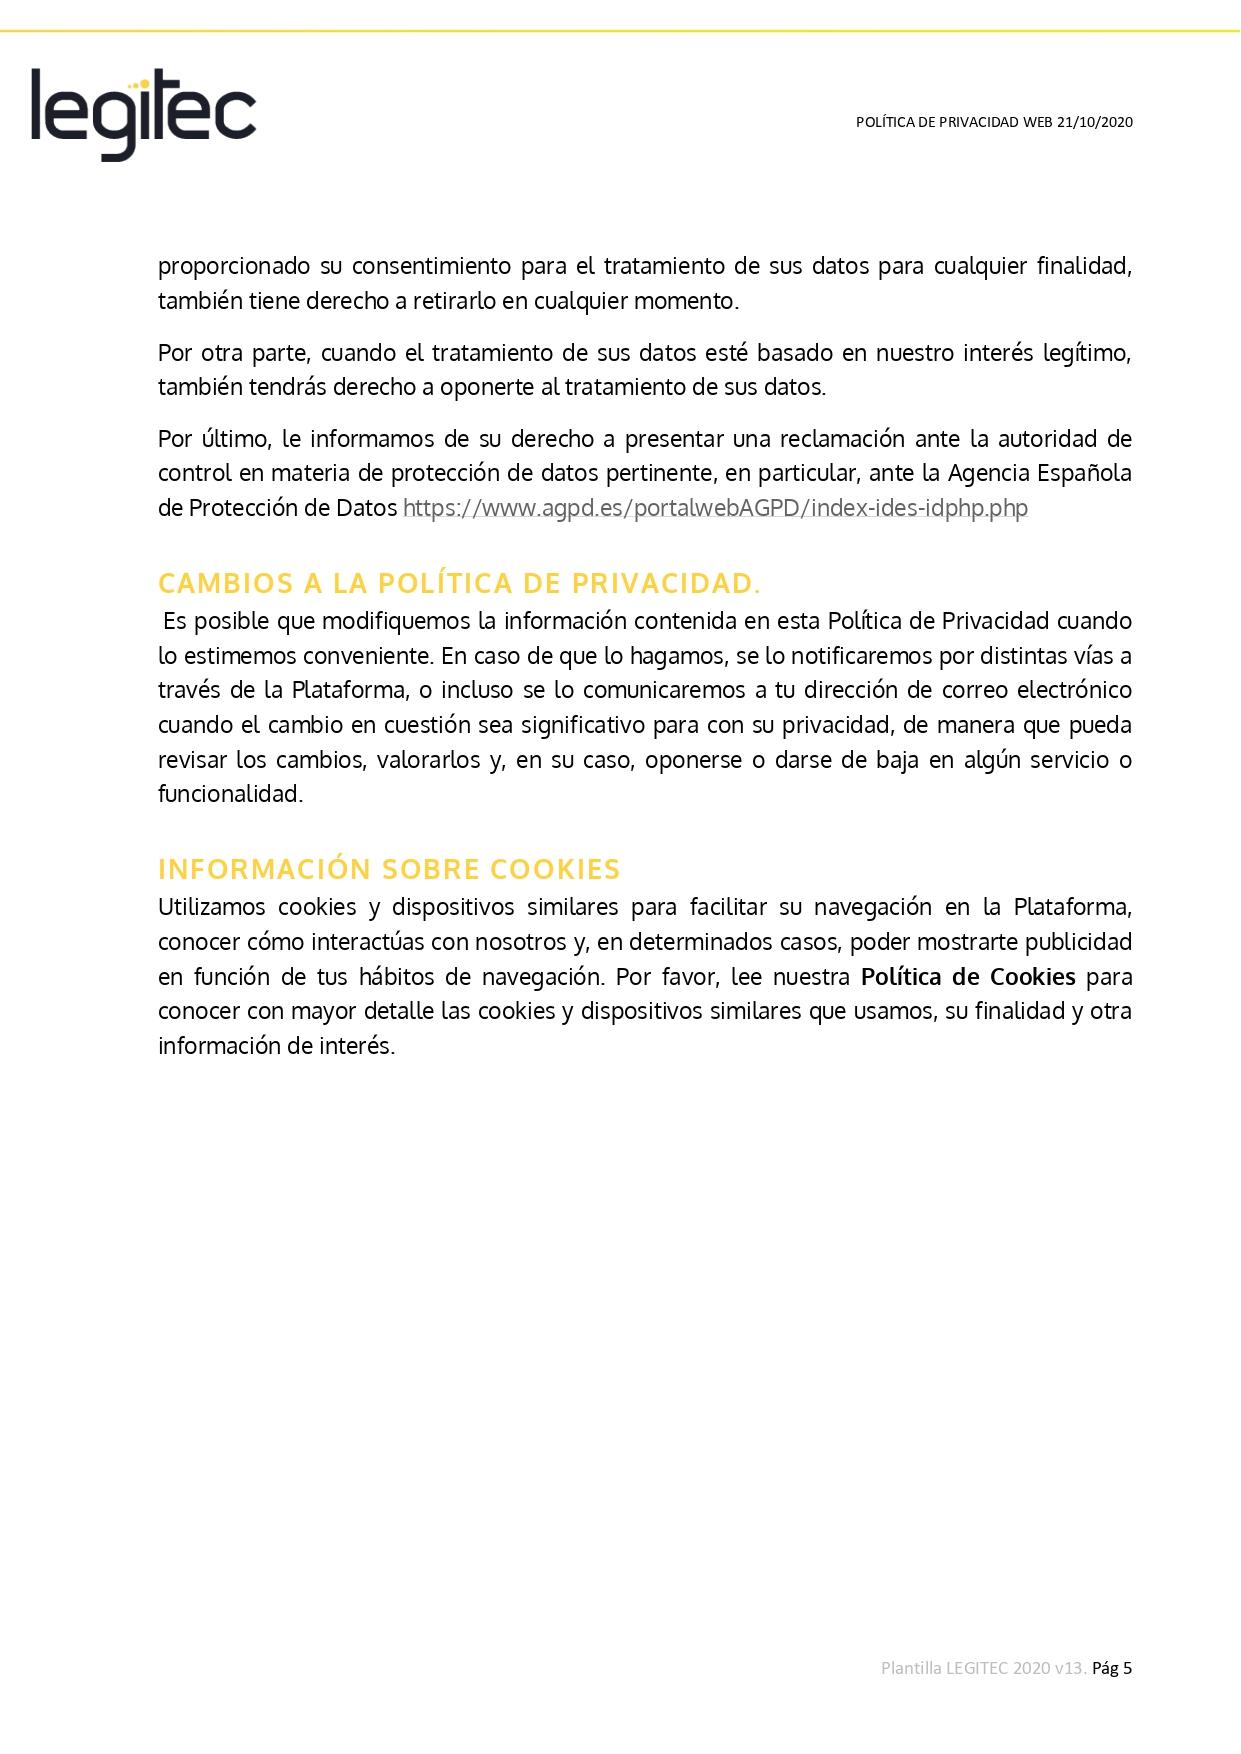 WEB-POLÍTICA-DE-PRIVACIDAD-_page-0005